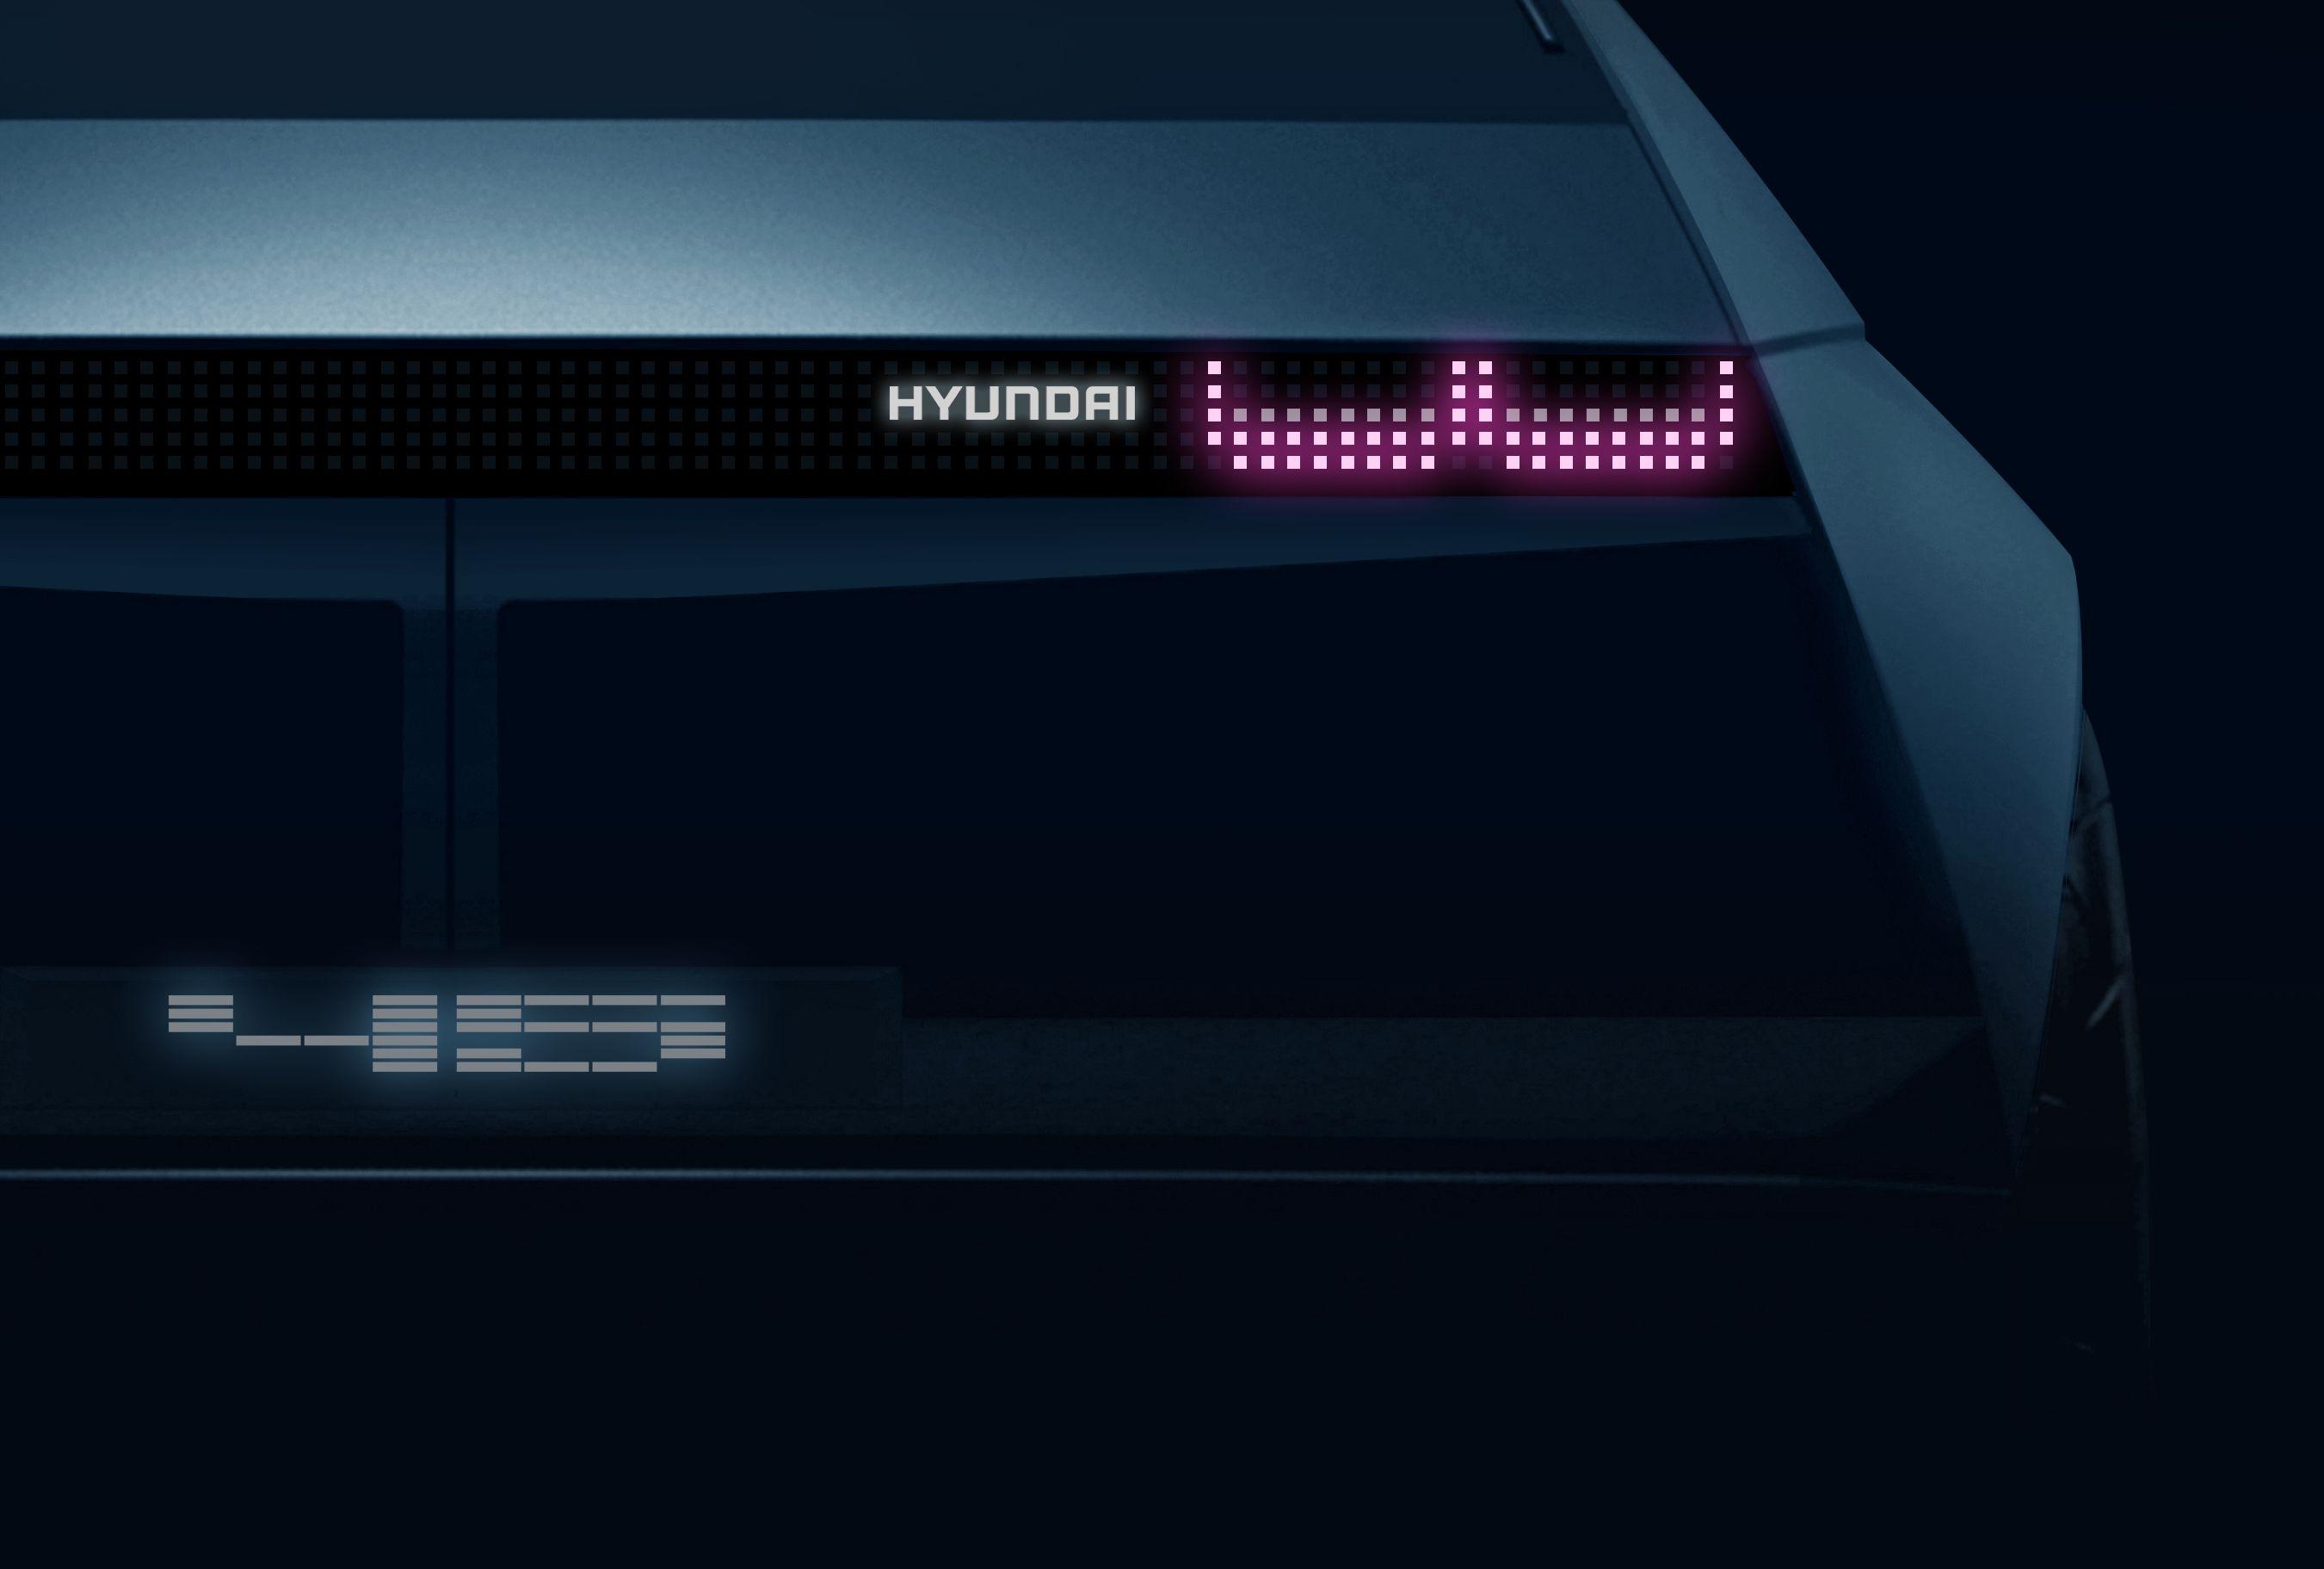 ฮุนได เตรียมเผยโฉมรถ EV ต้นแบบรุ่นใหม่『45』ที่แฟรงก์เฟิร์ตมอเตอร์โชว์